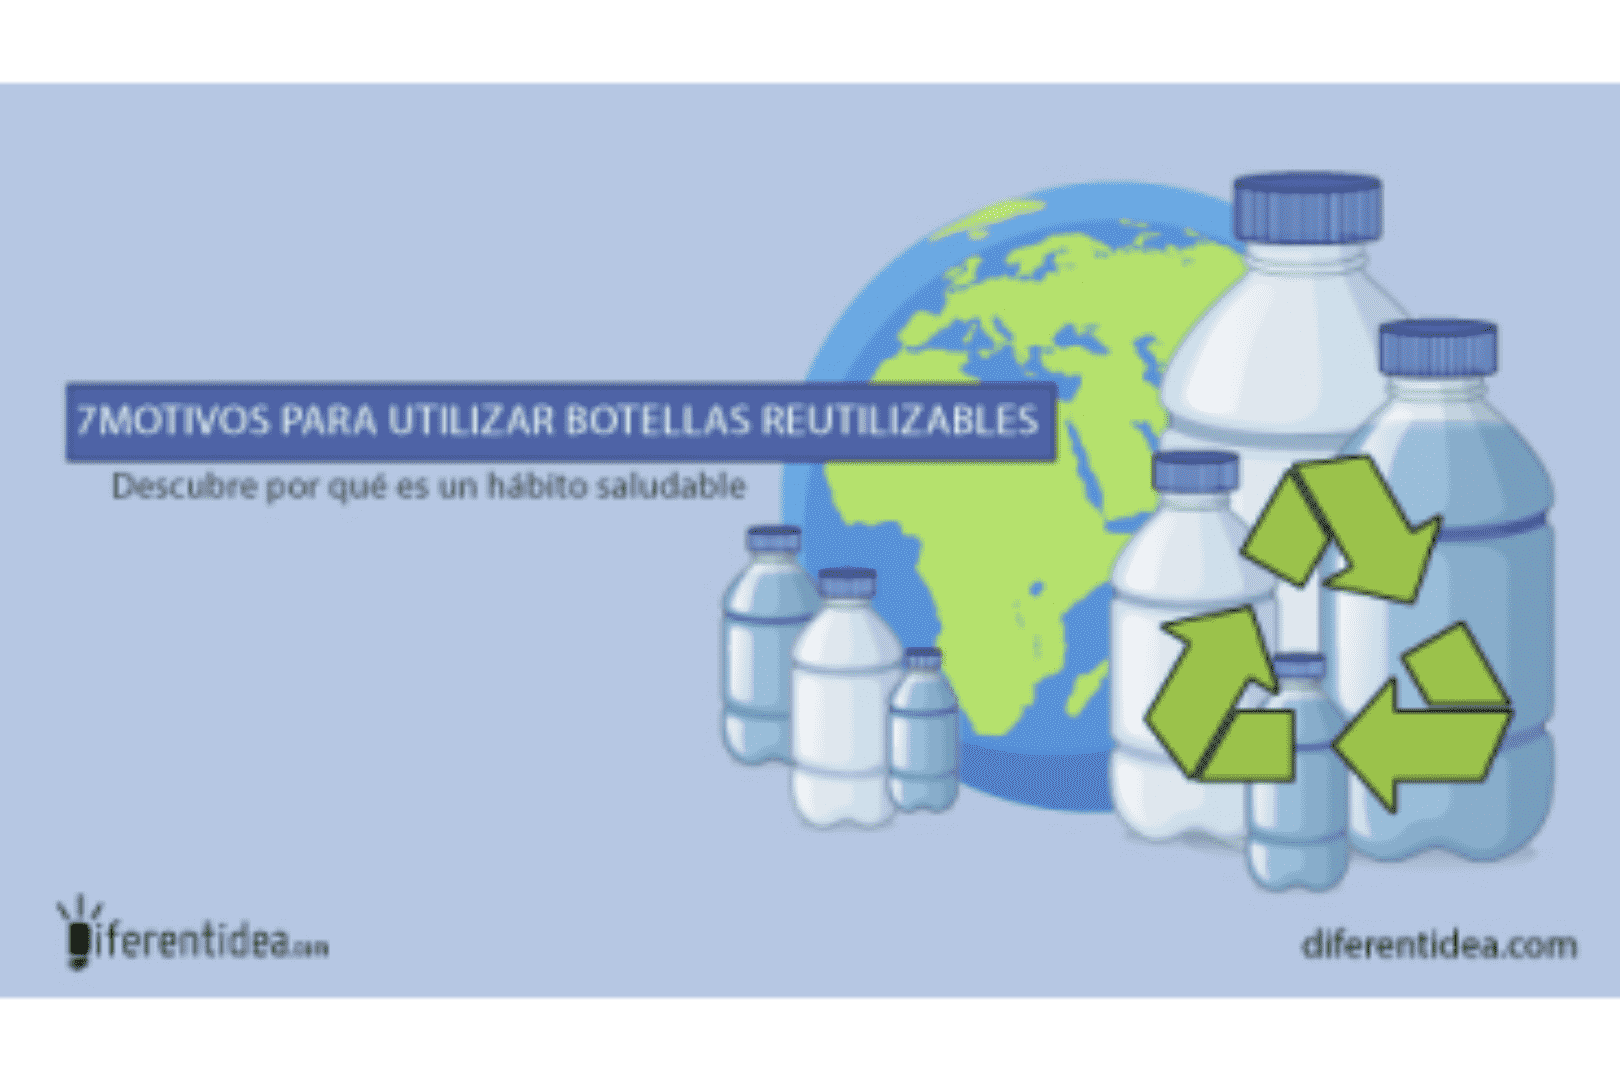 lg-b-botellas-reutilizables